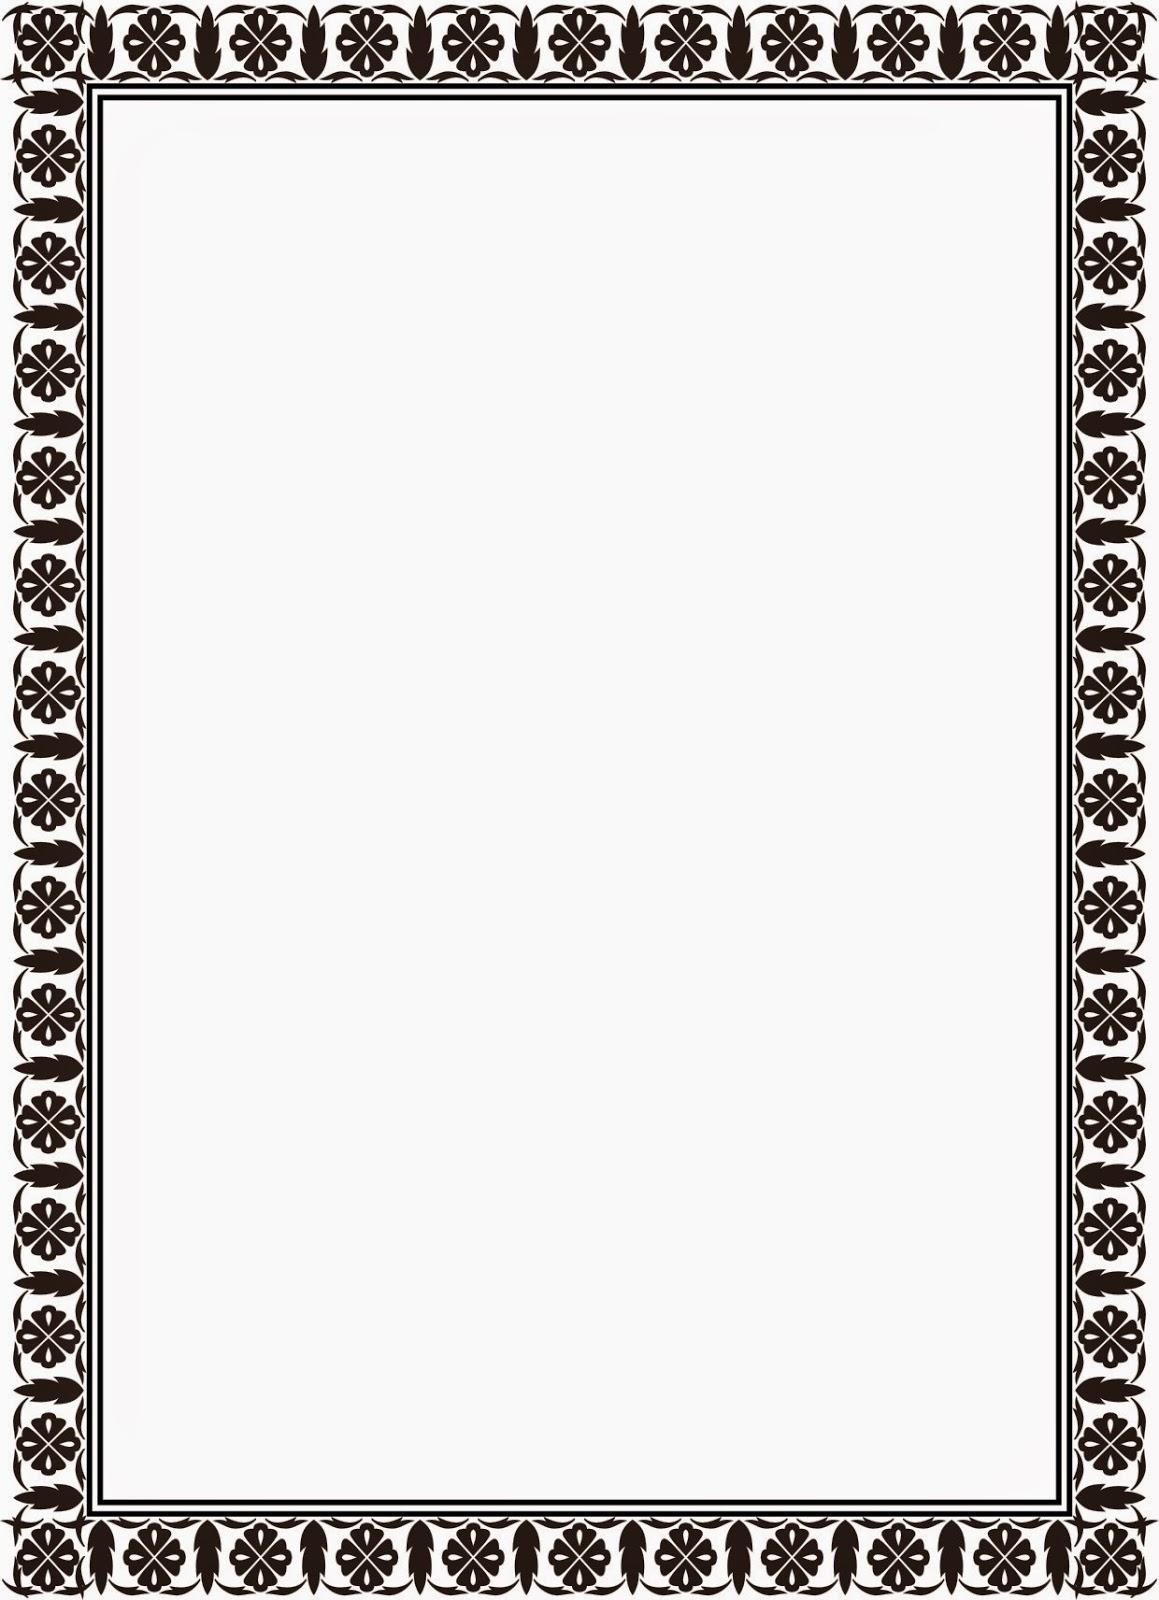 Bingkai Yasin Vector : bingkai, yasin, vector, Kaligrafi, Islami, 💕💕:, Download, Bingkai